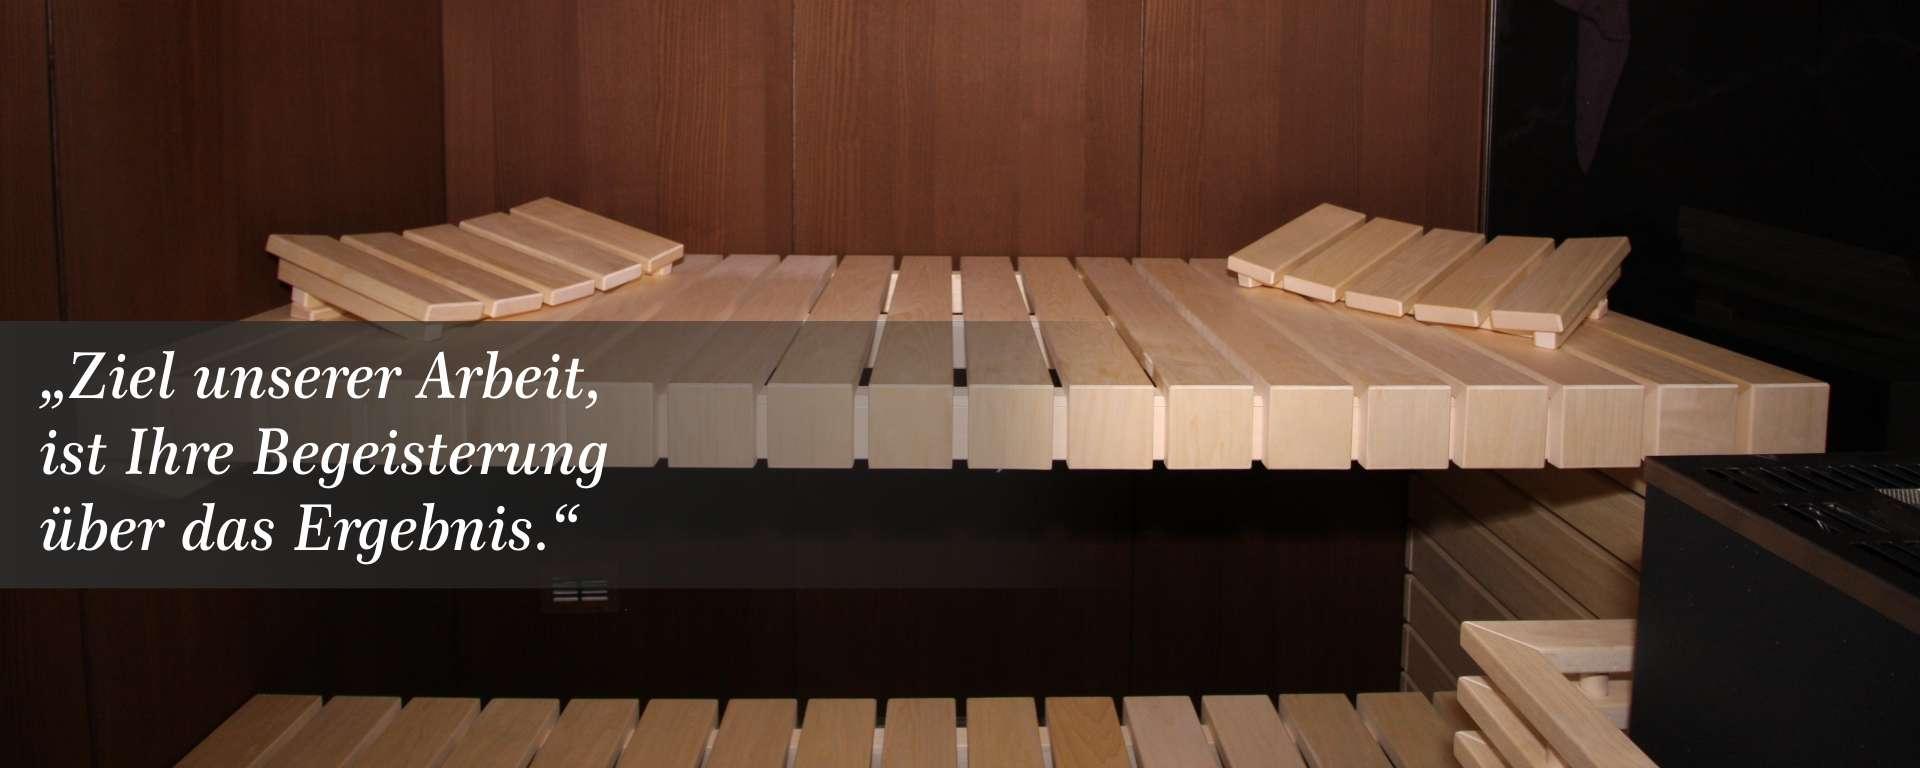 Sauna kaufen, Marcel Remus, Villa Remus, Saunabau, Pähl, München, Starnberg, Tegernsee, Pullach, Designsaunen der Spitzenklasse, Sauna renovierung, Homesauna, Kindersauna, Seniorensauna, Saunawartung, Dampfbadwartung, Jacuzzi, Saunalandschaft, Saunaclub, Wellnesshotel, Saunazubehör, Saunaduft, Saunatür, Saunasteine, entspannung, erholung, saunieren, Sauna kaufen, Therme, Fasssauna, Salzgrotte, Solarium, Whirlpool, Hot tub, Infrarotsauna, Solebad